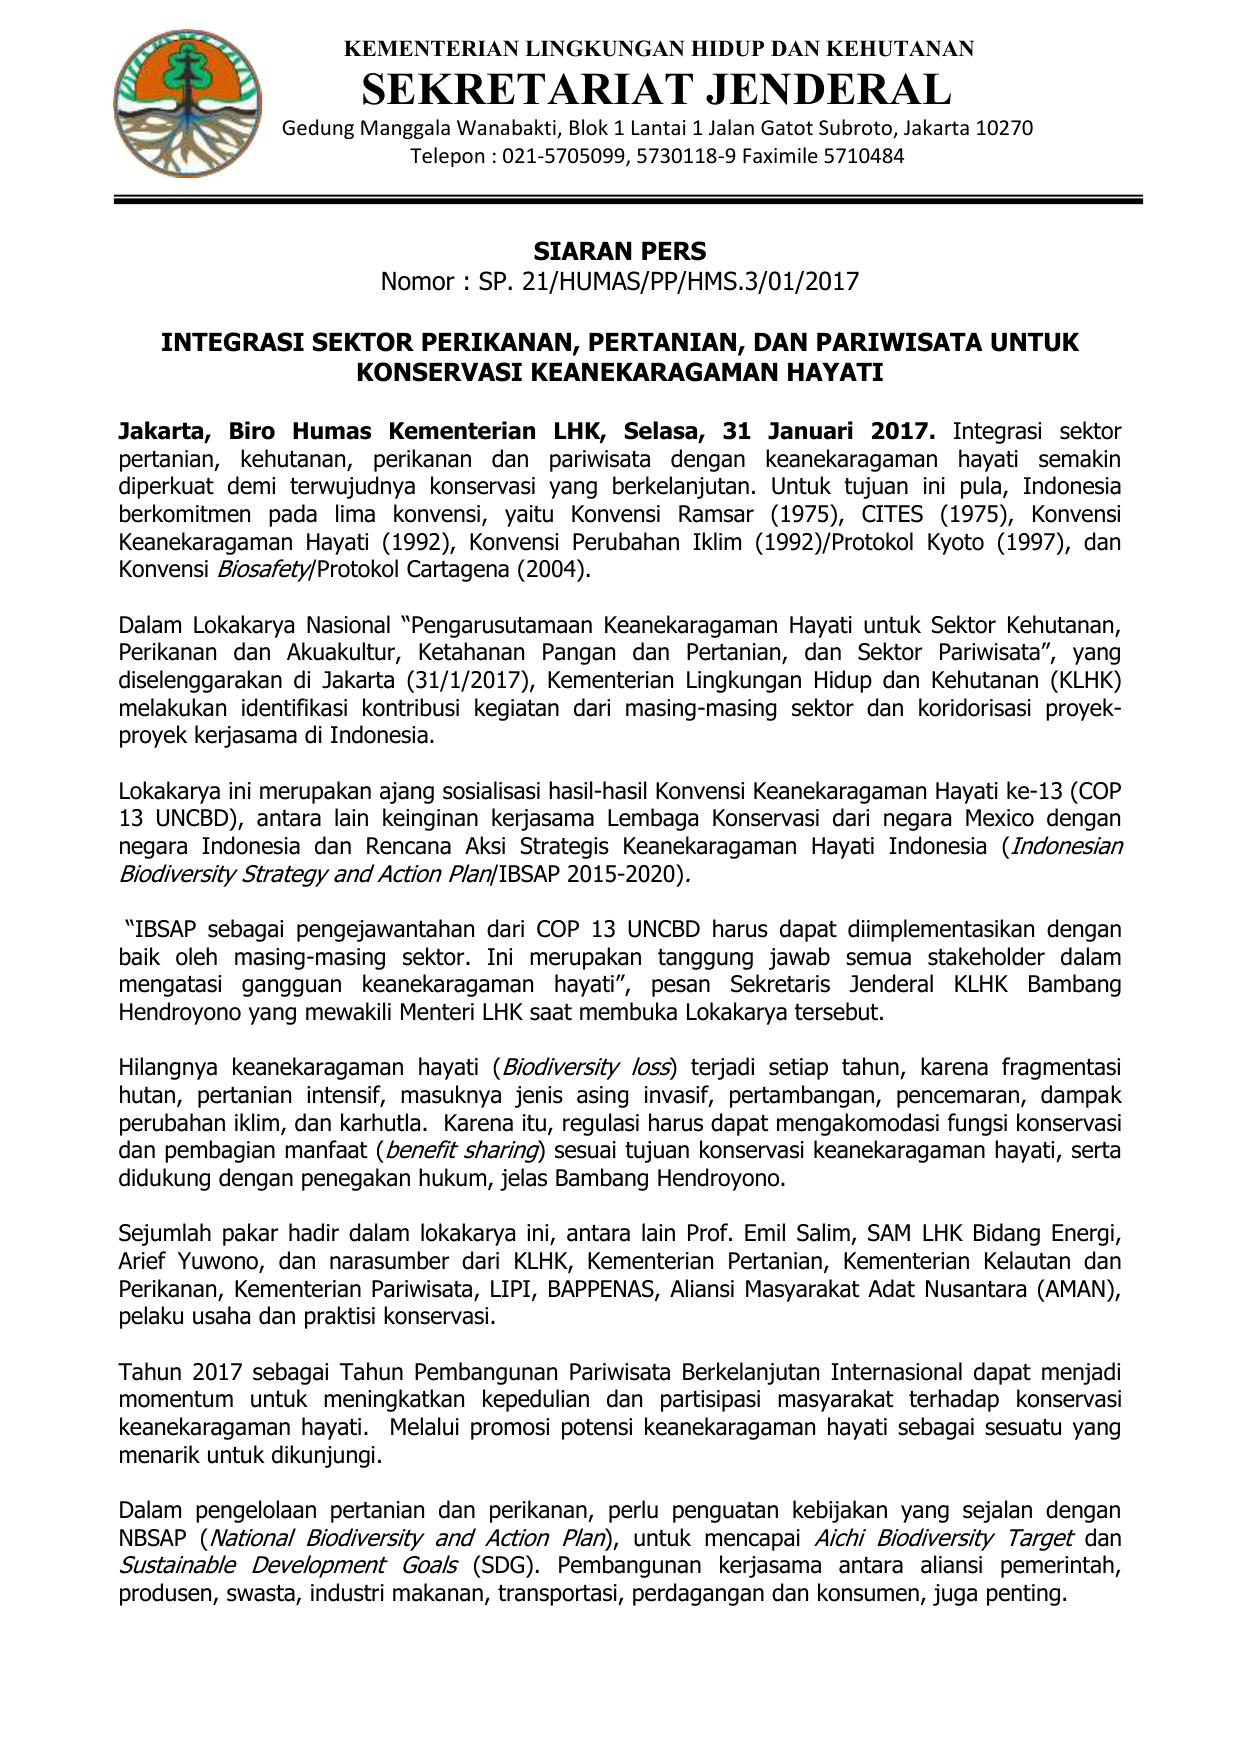 strategi dan rencana aksi keanekaragaman hayati indonesia